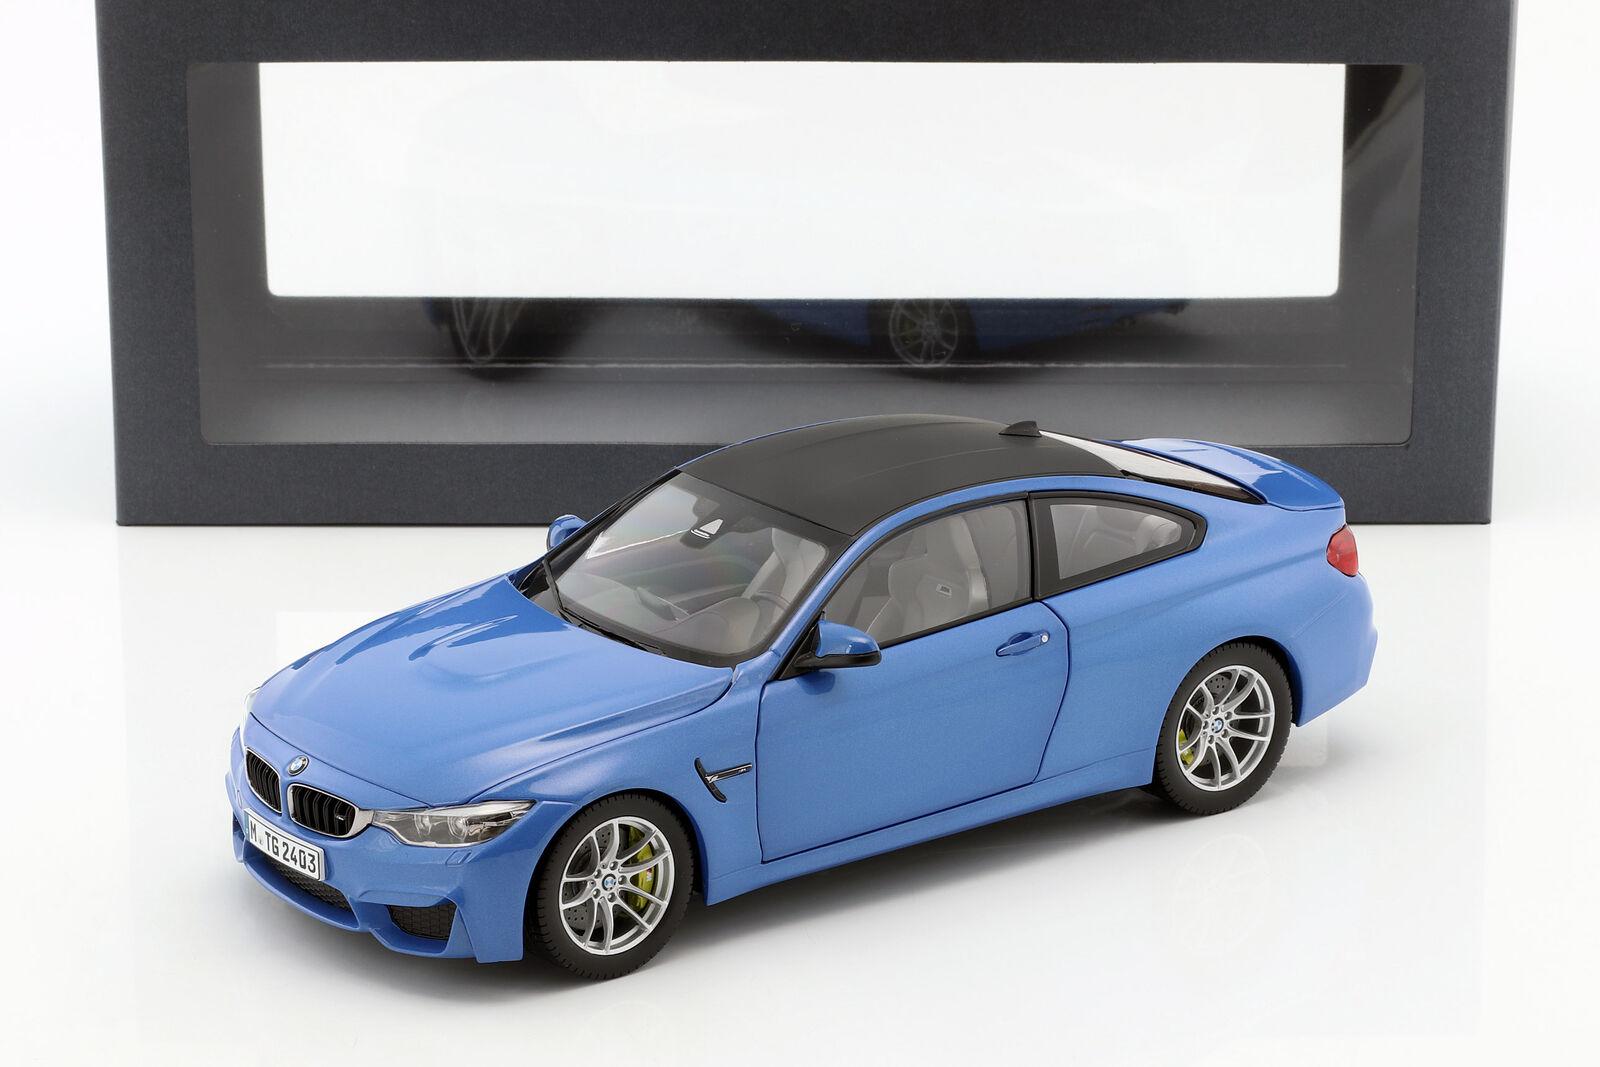 BMW M4 F82 Coupè Anno 2014 Blu Mettuttiizzato 1 18 Paragonmodellolos